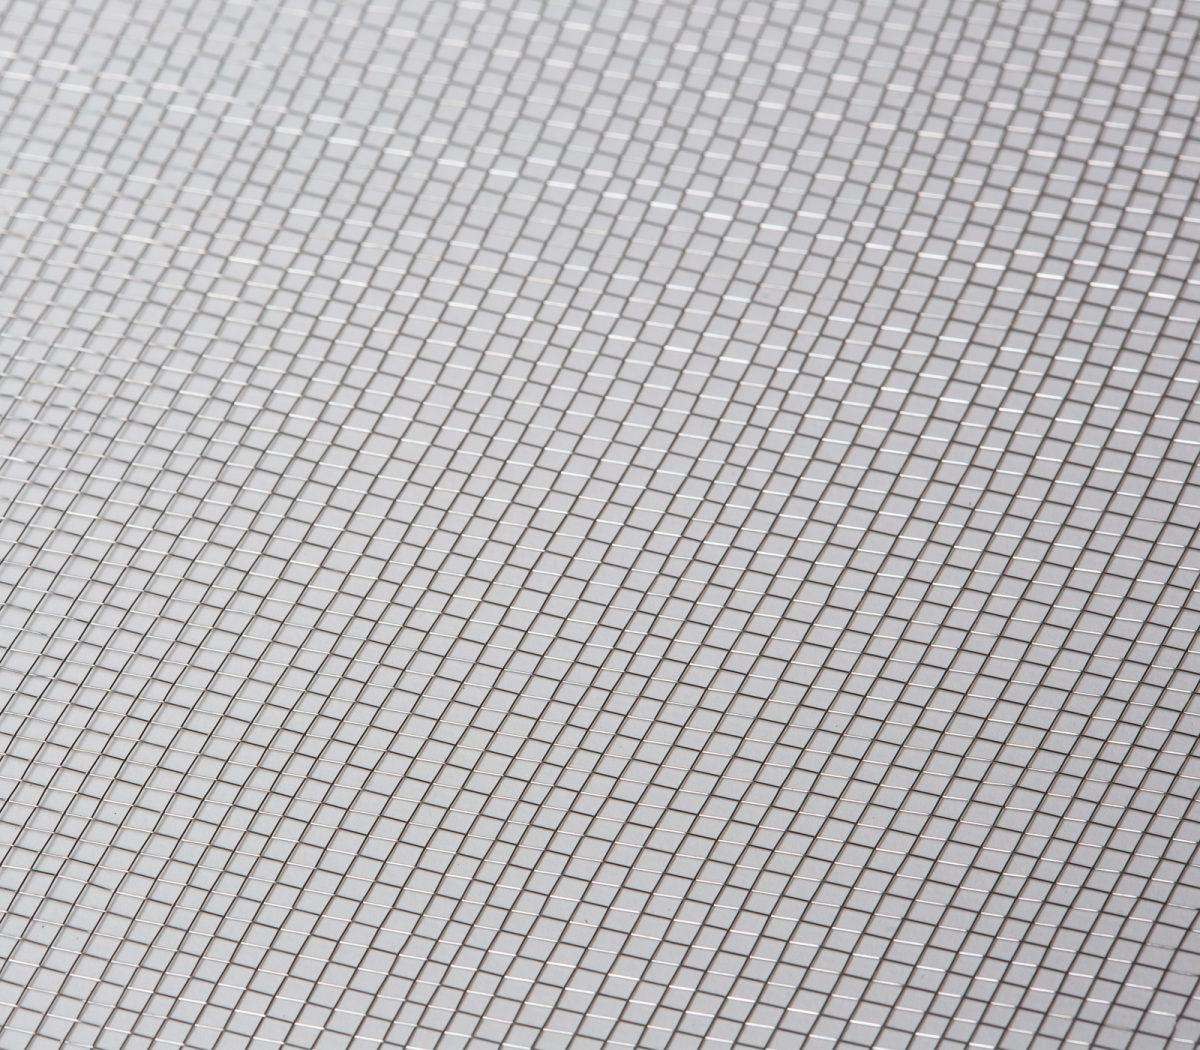 Siatka ze stali nierdzewnej Heat Decor szer. 100cm, grubość 0,12mm - 1m²